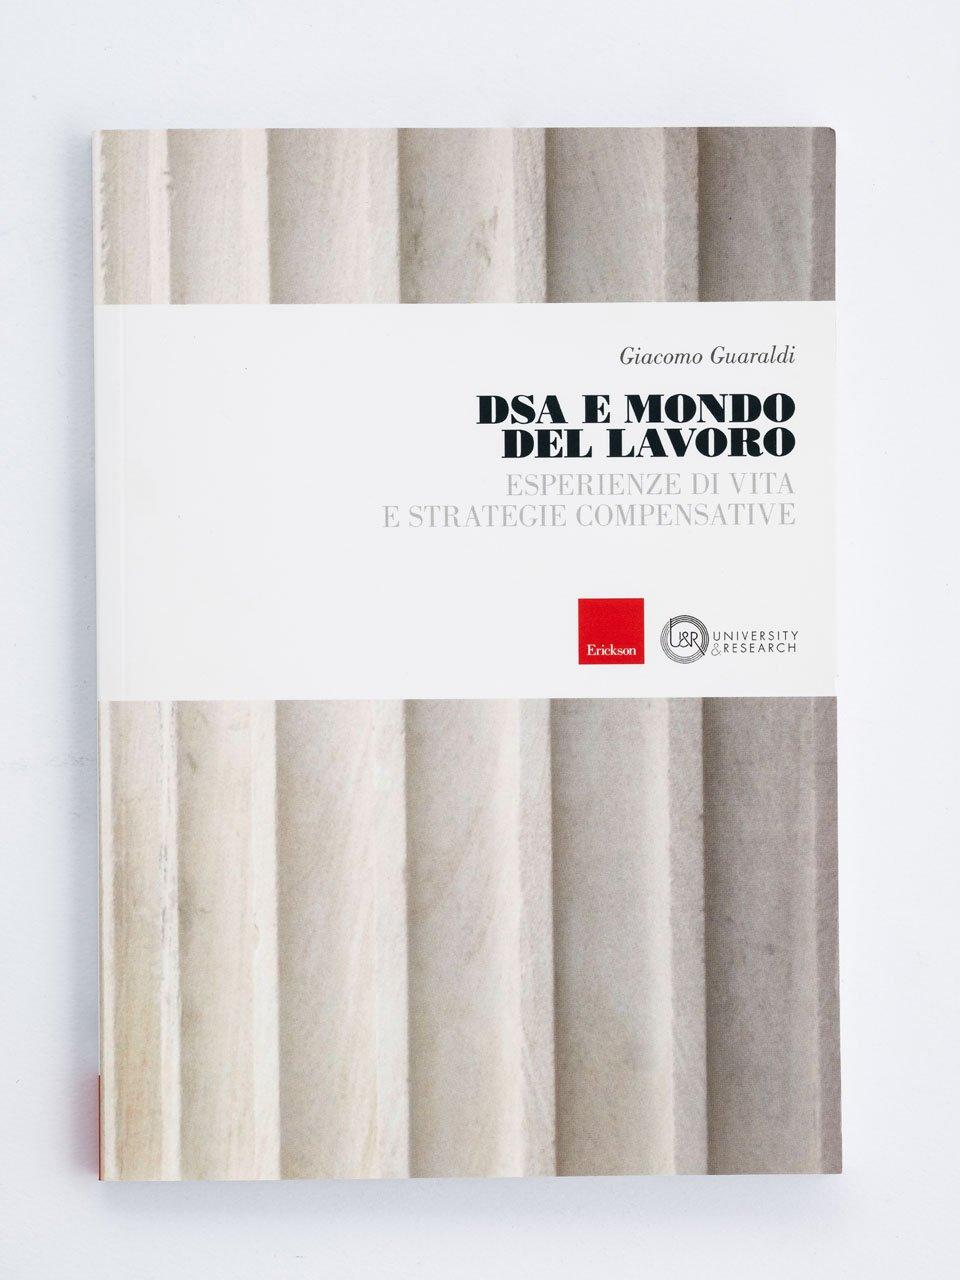 DSA e mondo del lavoro - Career counseling - Libri - Erickson